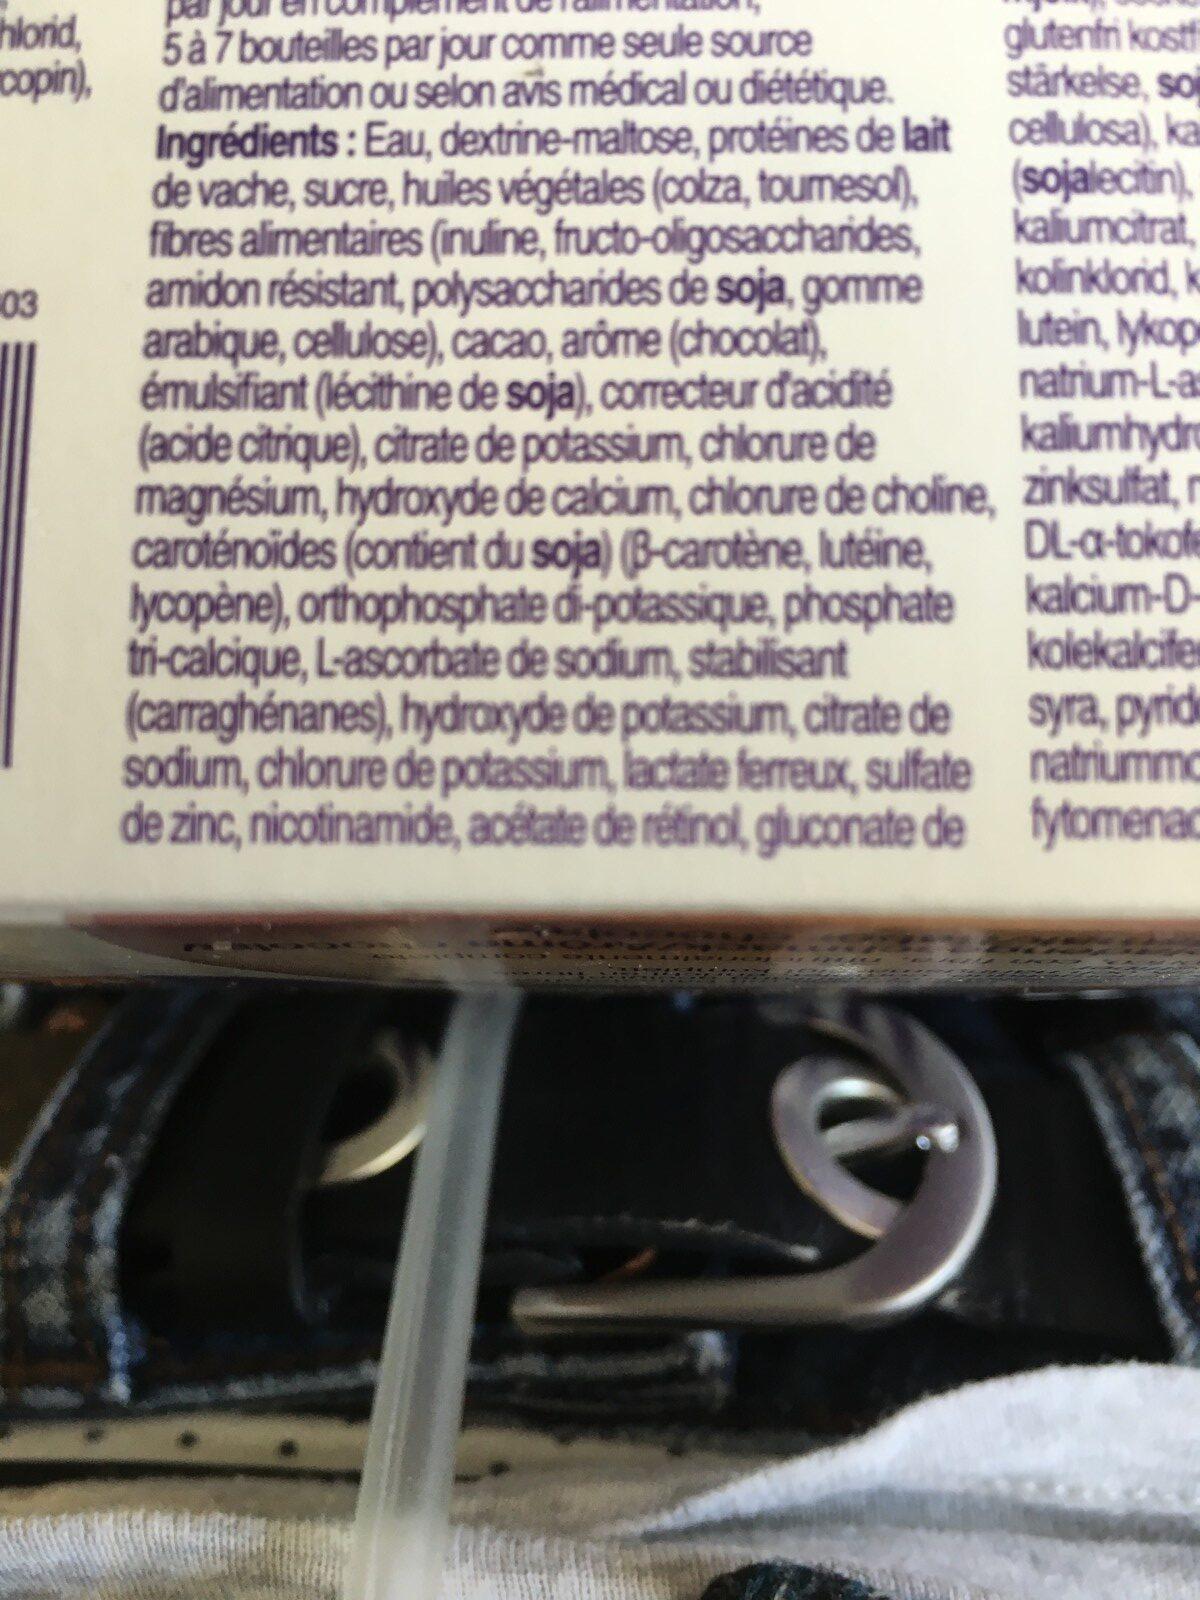 Fortimel Energy Multi Fibre - Ingrediënten